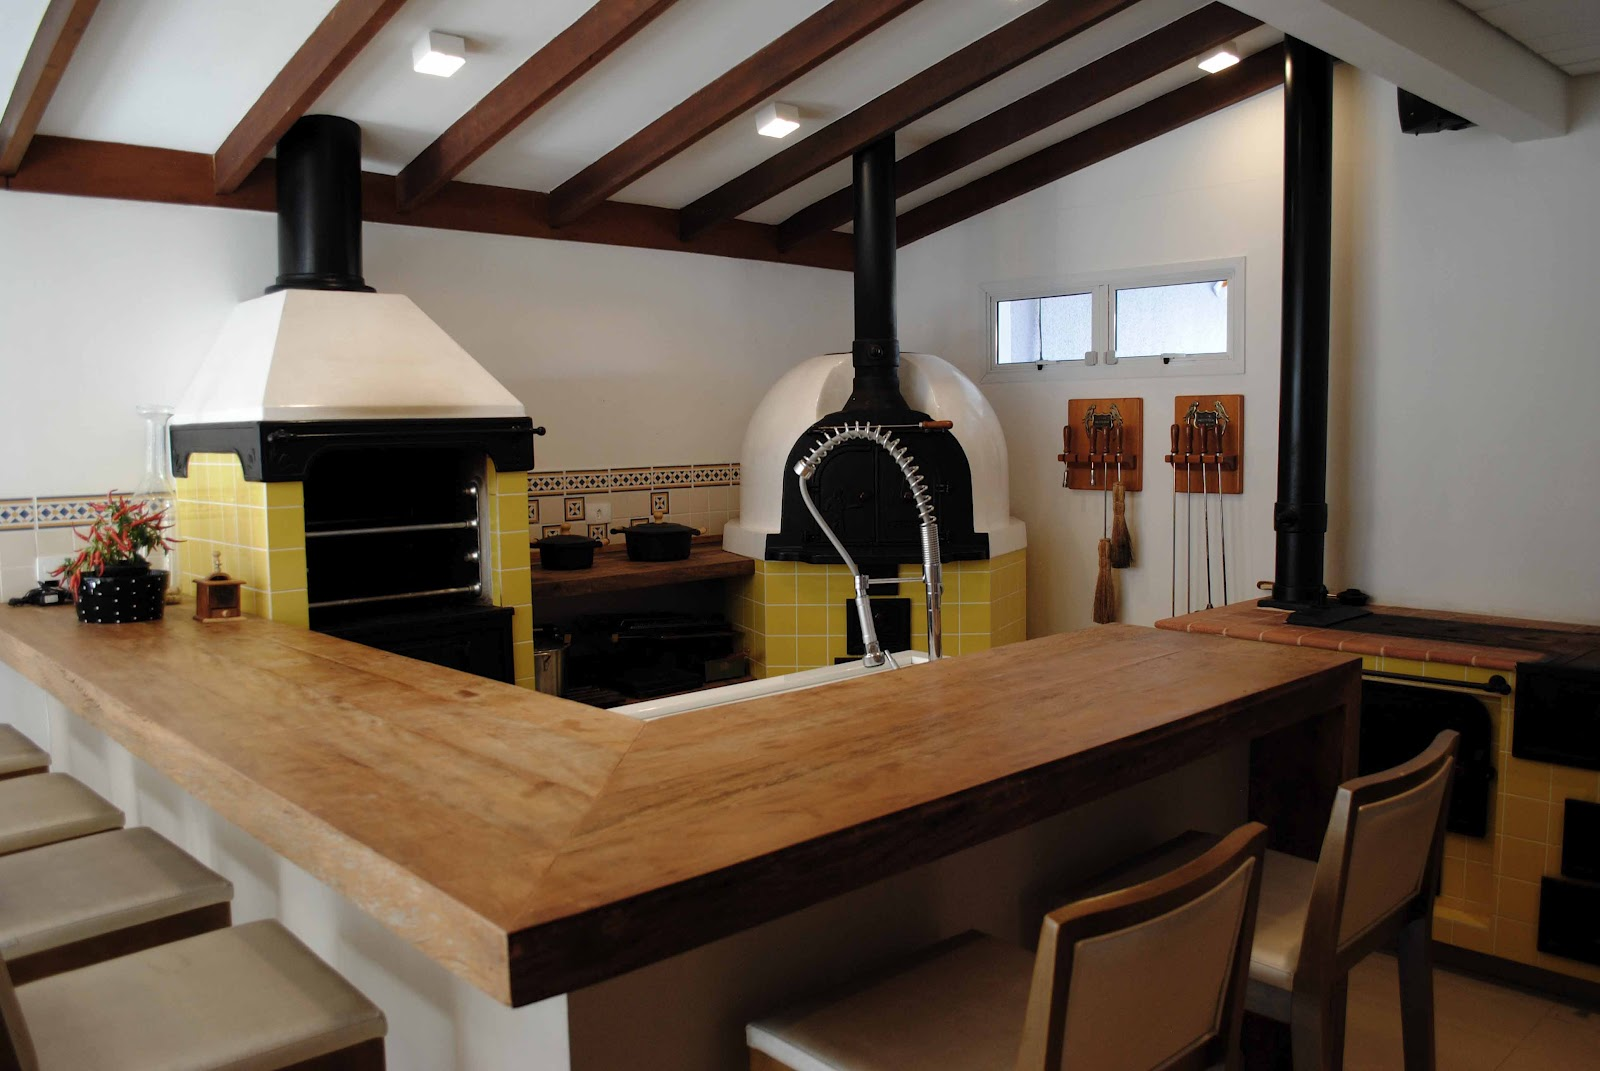 Cozinha Gourmet Com E Fogo A Lenha Ilha Do Espao Gourmet Em Pedra